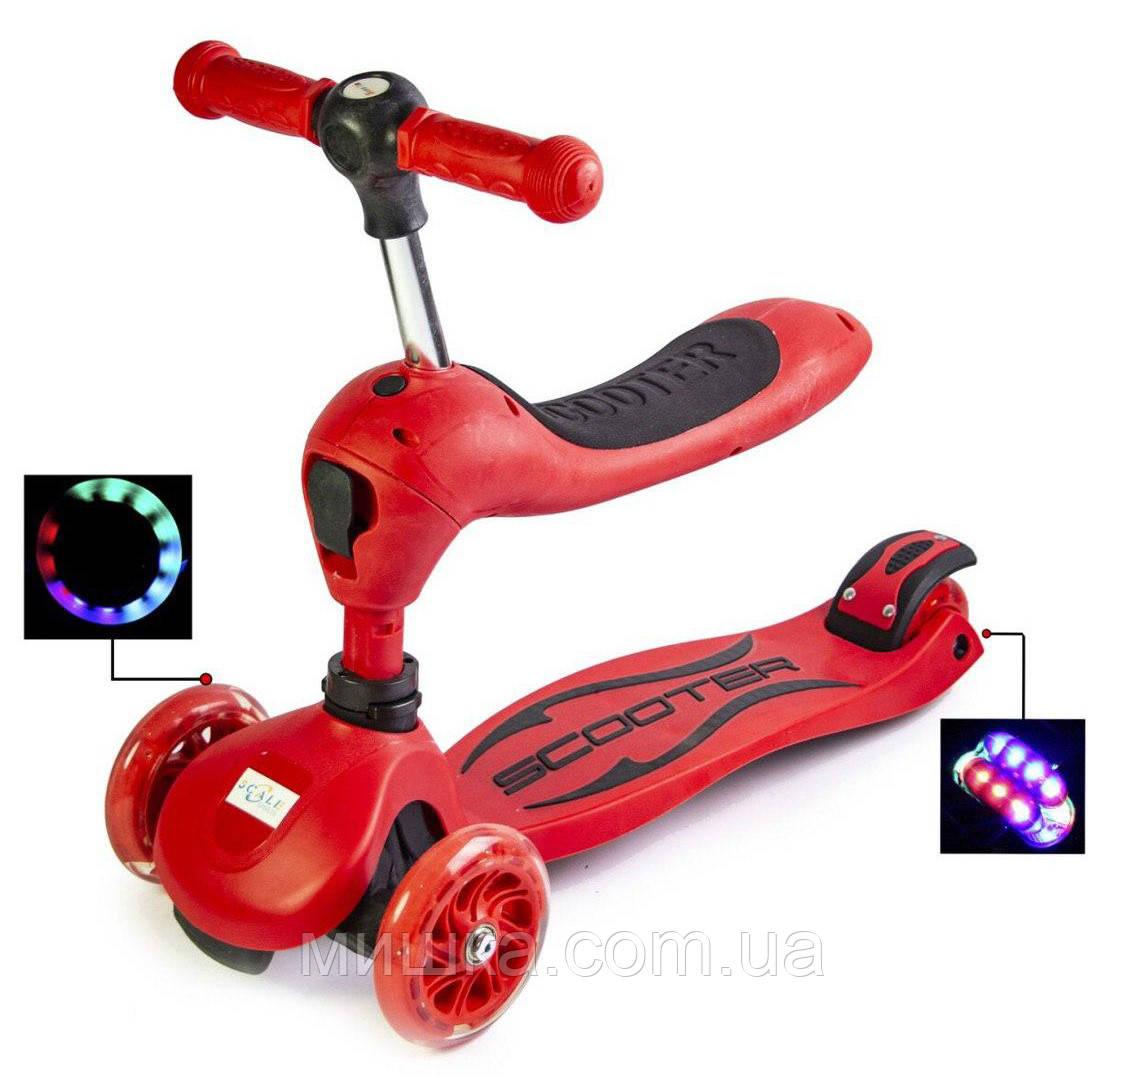 Самокат-беговел (трансформер), SCALE SPORTS, светящиеся колеса, красный